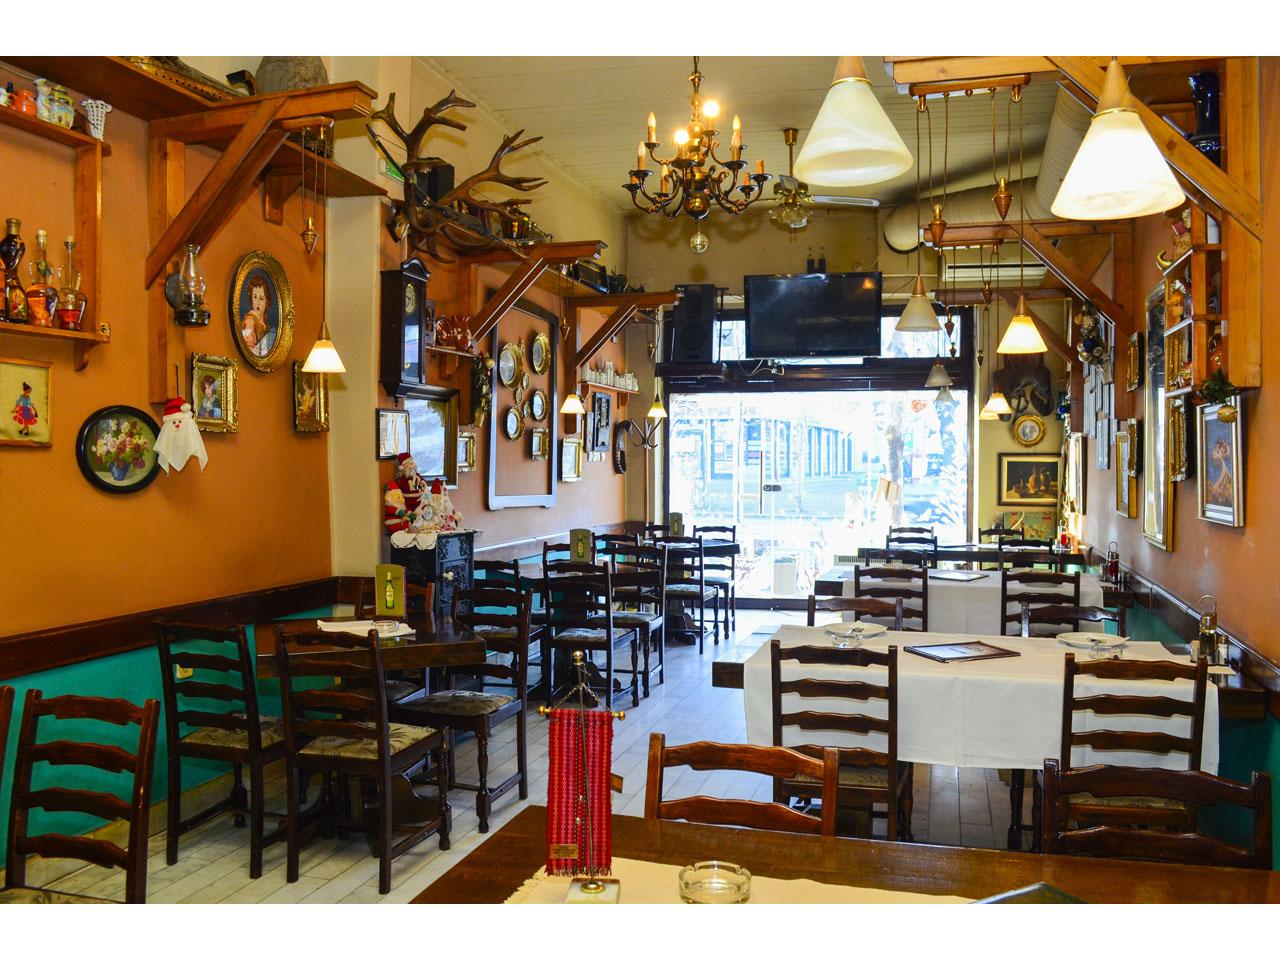 ZLATNI OPANAK | Restaurants | 119 Bulevar kralja